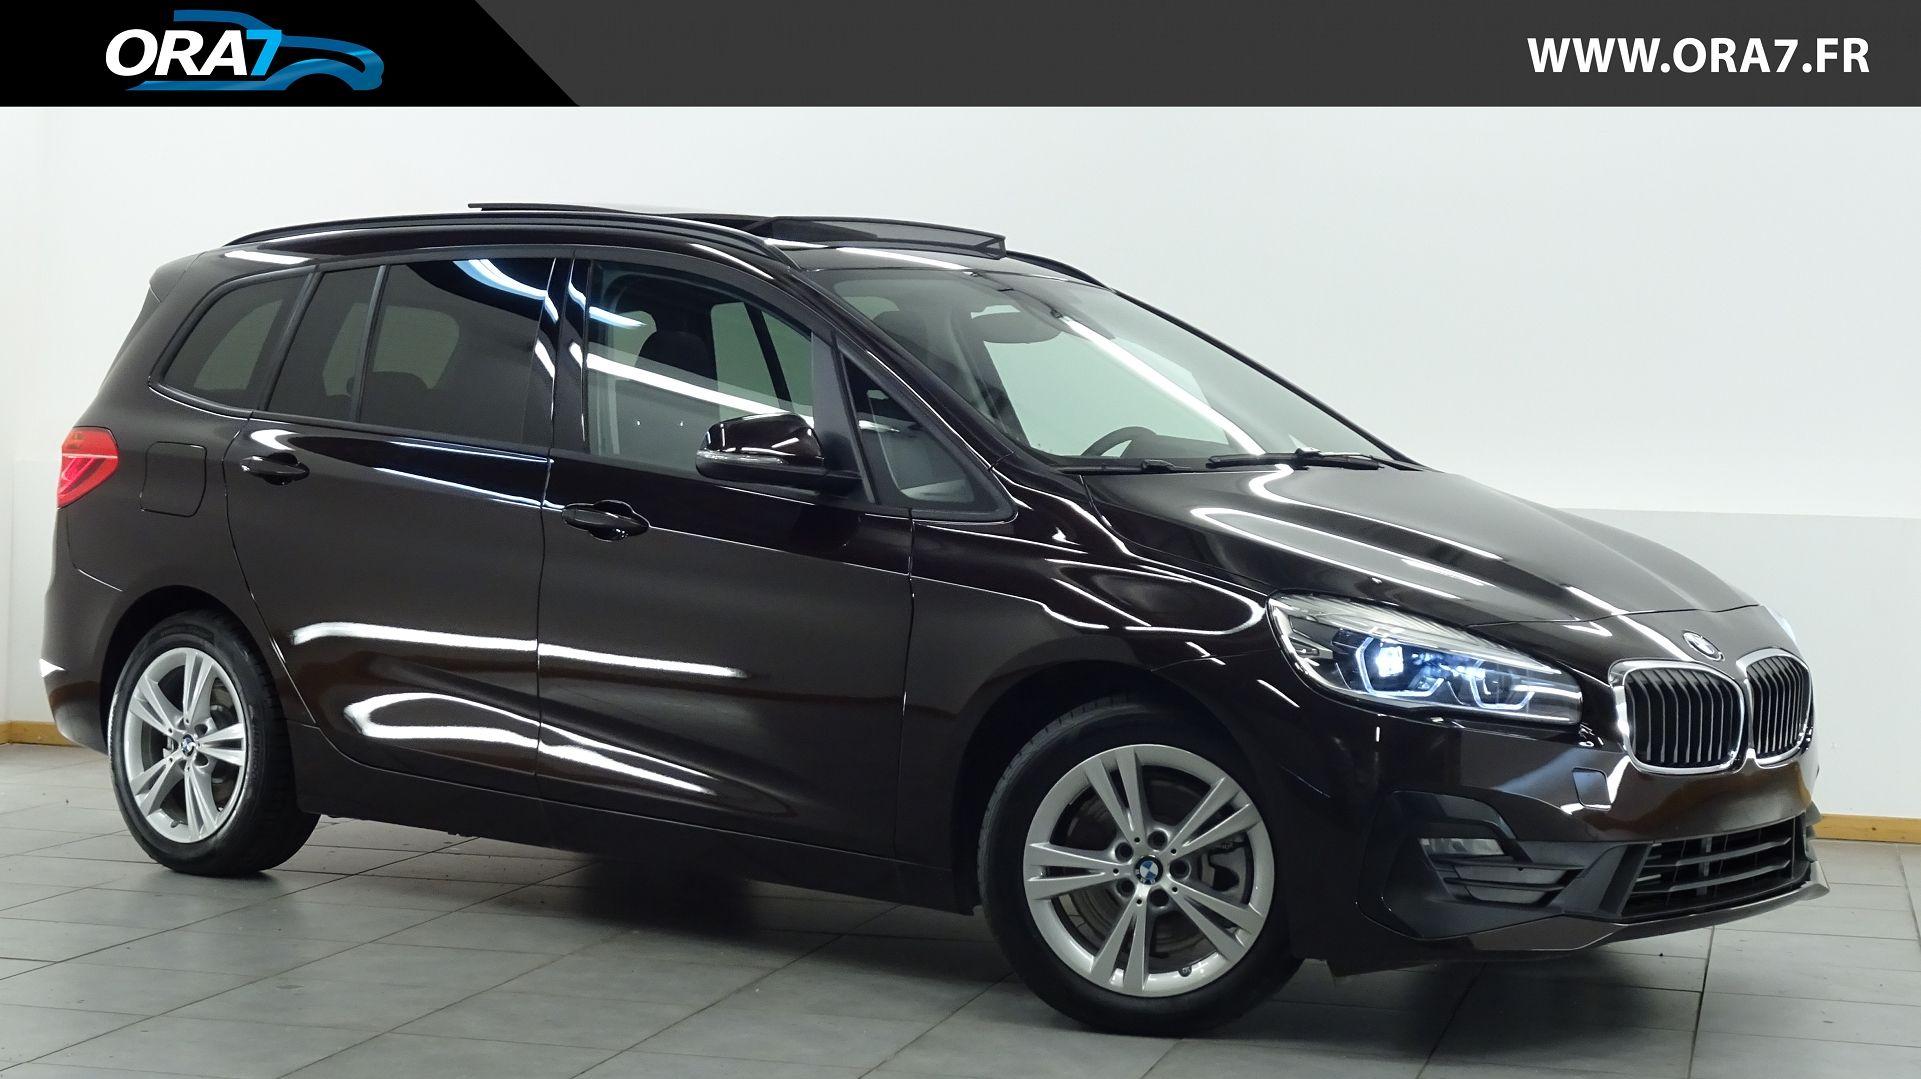 Nouvelle BMW SERIE 2 GRAN TOURER (F46) 218DA XDRIVE 150CH LOUNGE d'occasion dans votre centre ORA7